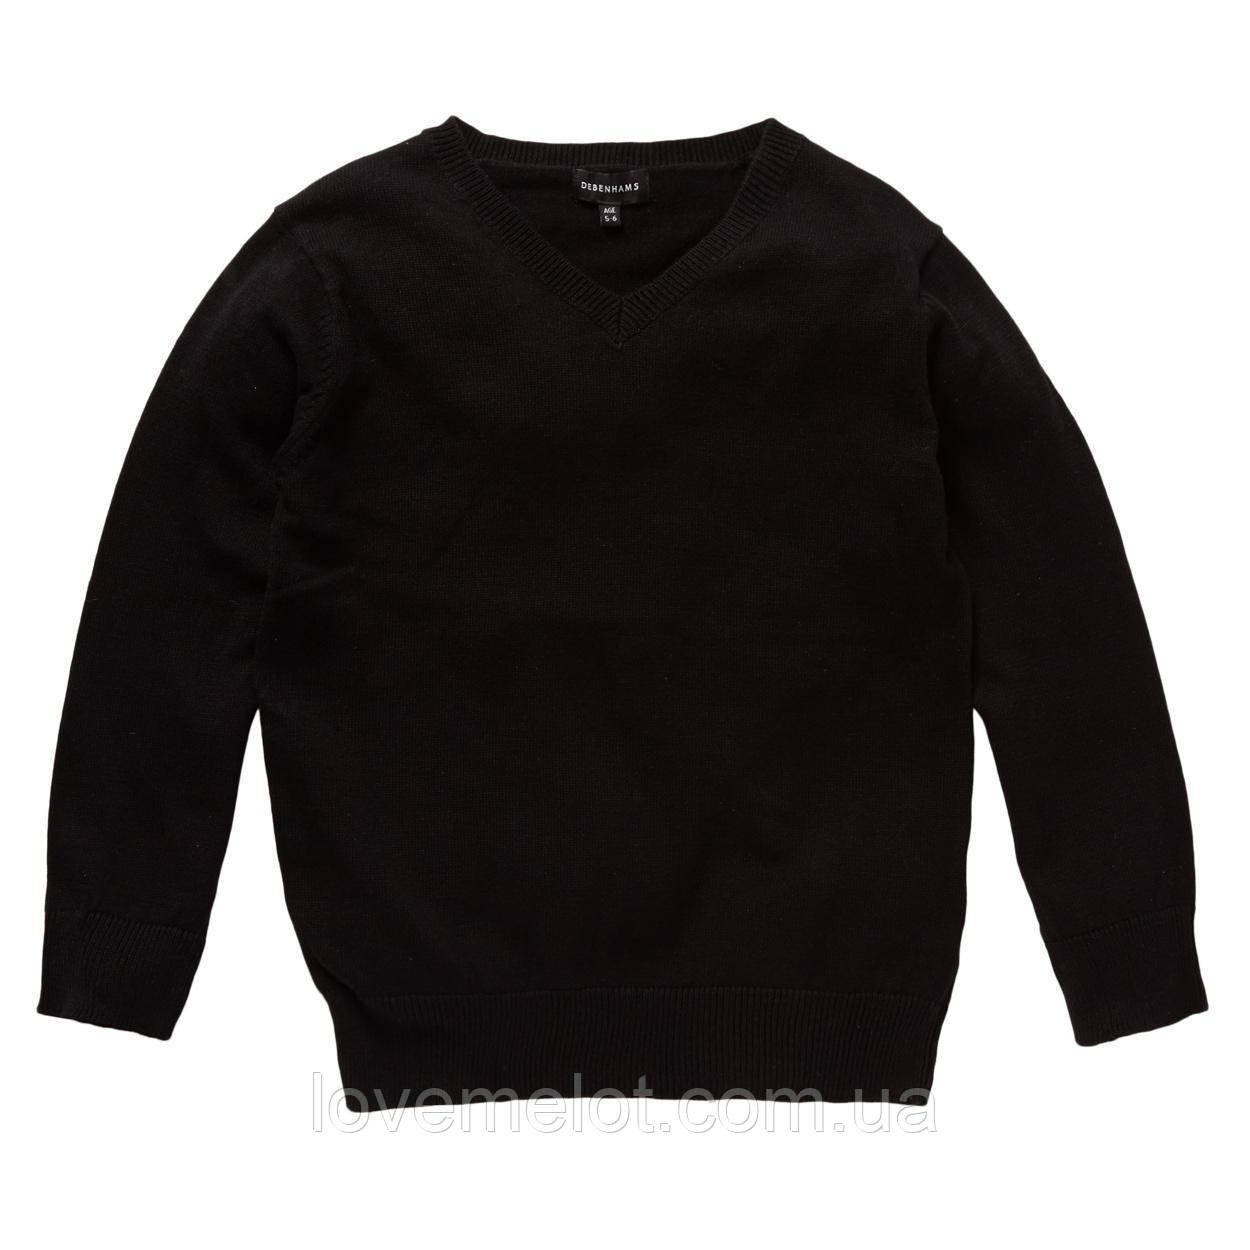 """Детский Школьный свитер кофта джемпер Debenhams """"Знания"""" черный унисекс, размер 116 см"""